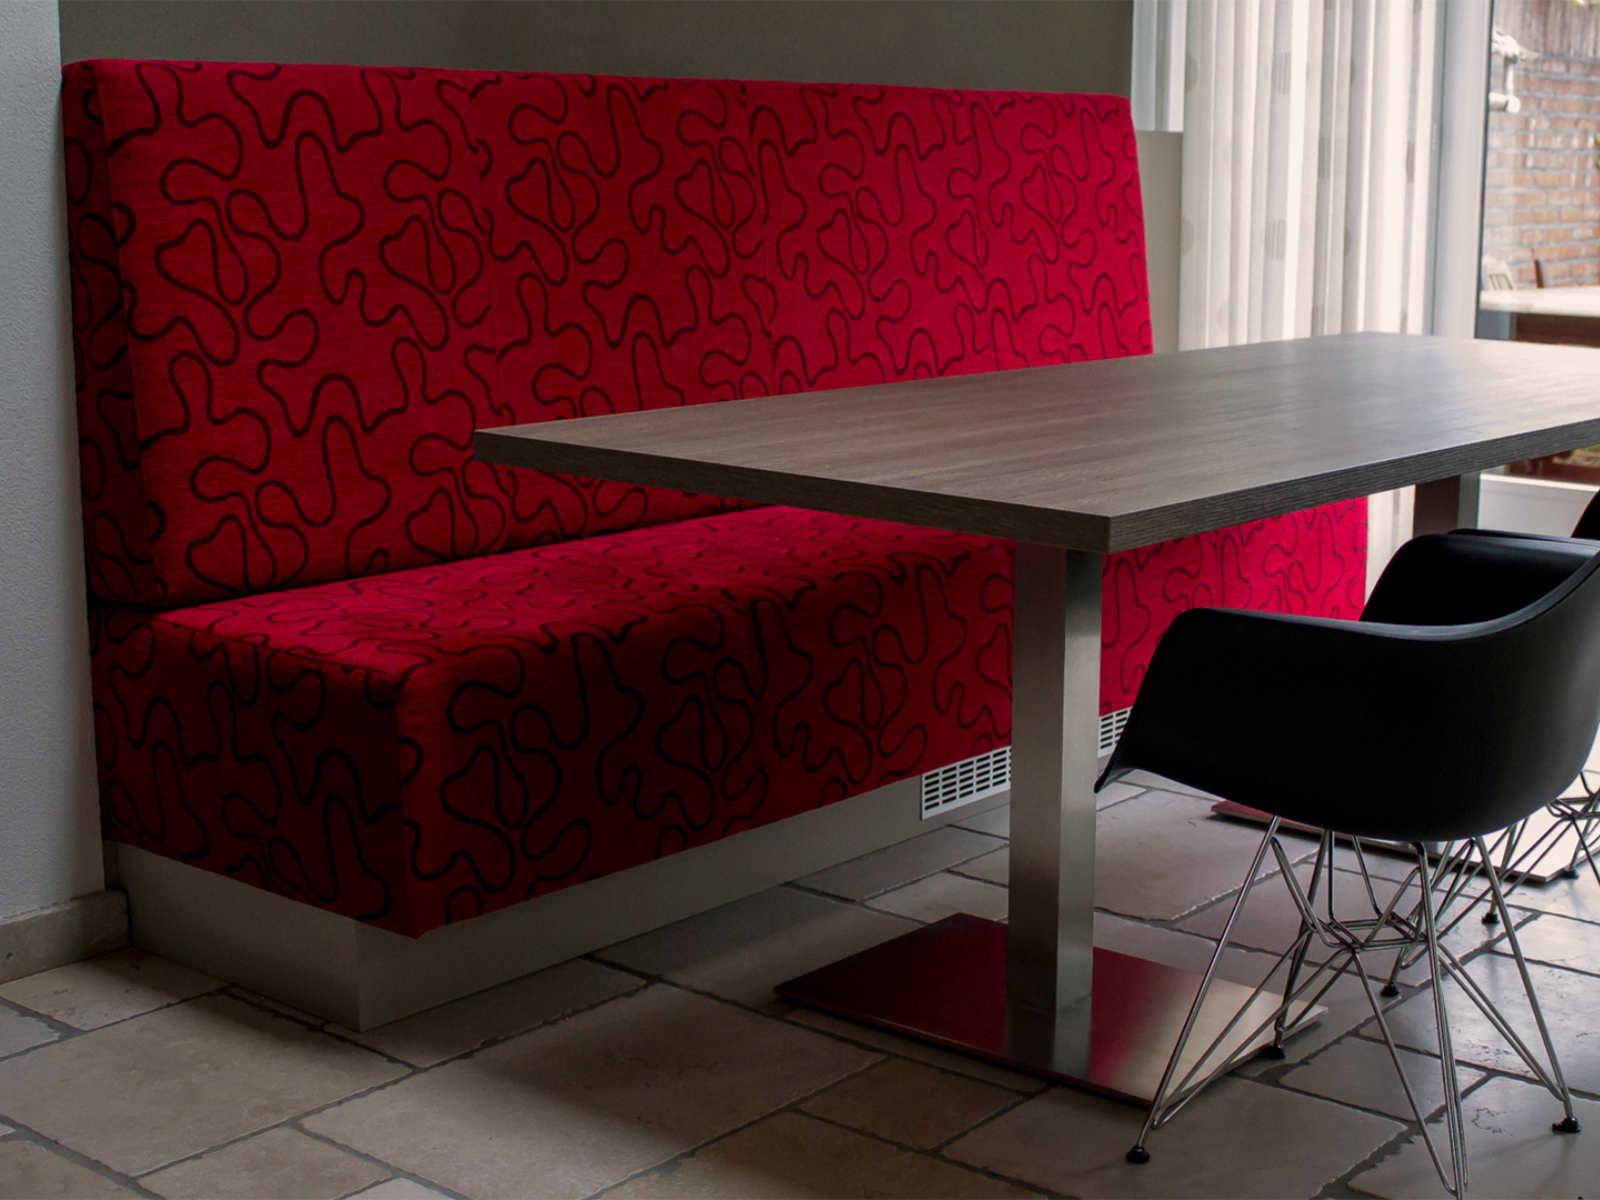 15060 Laurijssen zitbank met tafel 1600-1200